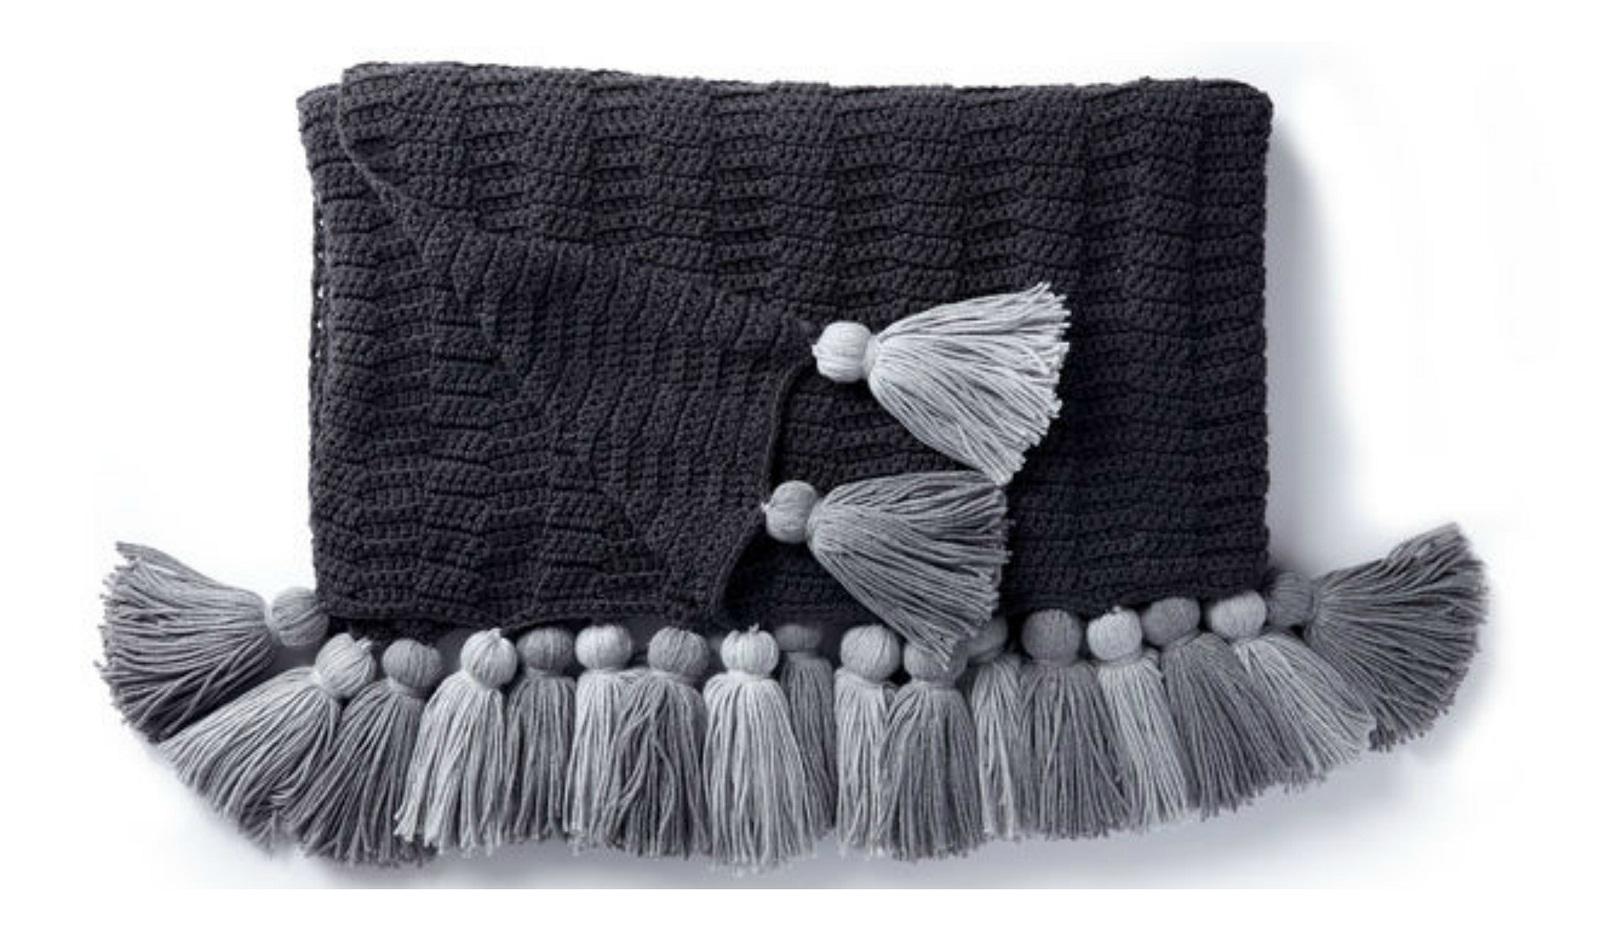 Tasseled Blanket Free Crochet Pattern